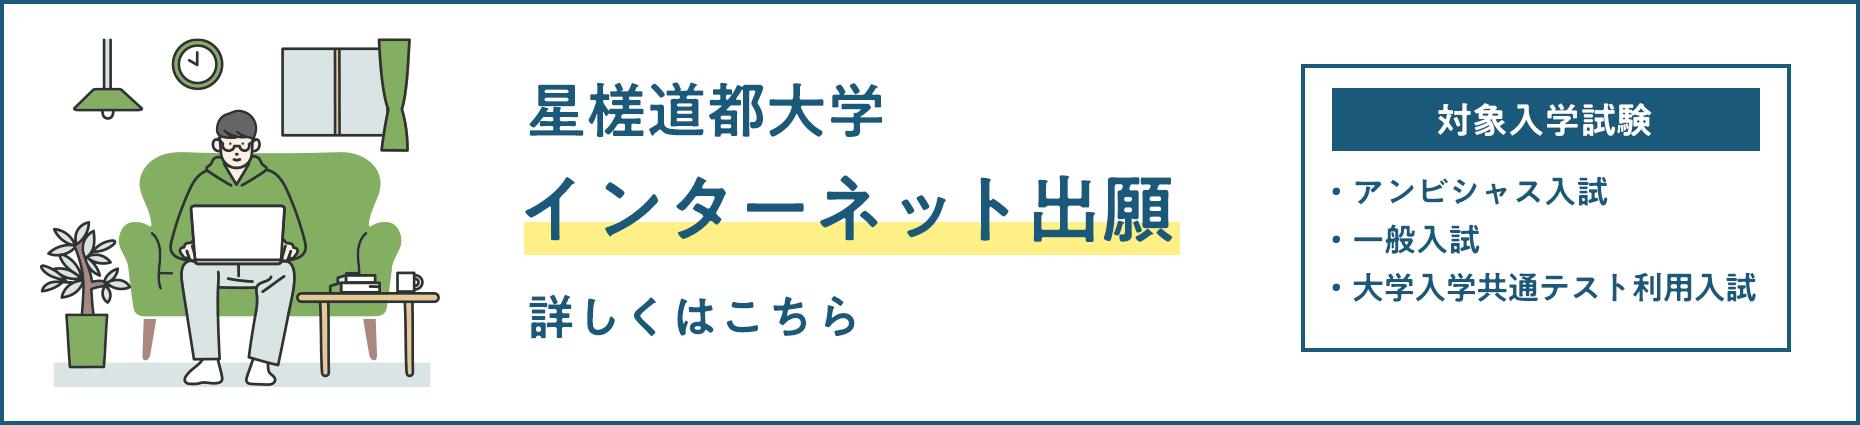 インターネット出願 対象入学試験 ・アンビシャス入試・一般入試・大学入学共通テスト利用入試